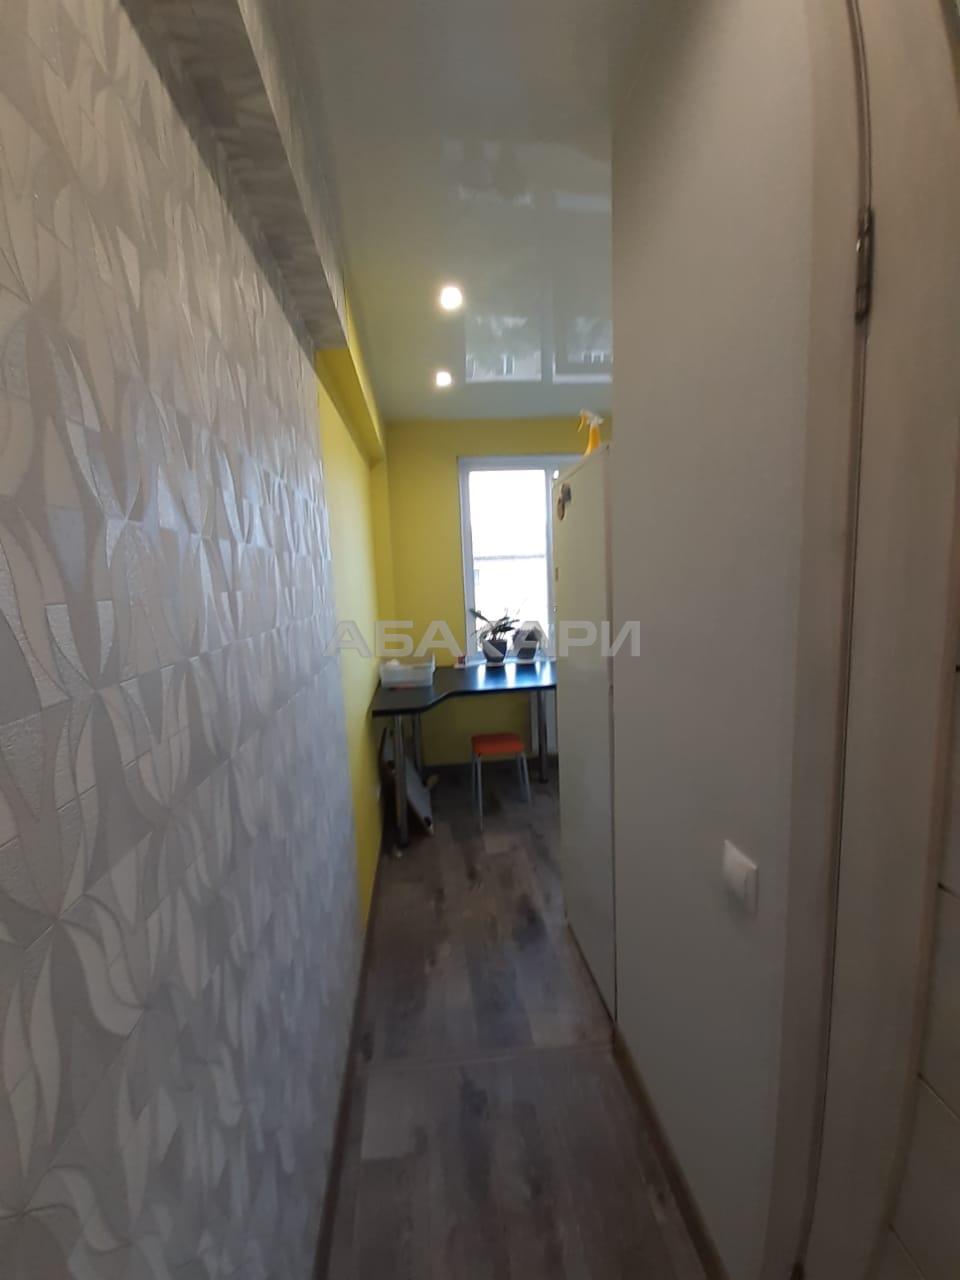 2к квартира улица Мичурина, 25А 5/5 - 45кв   17000   аренда в Красноярске фото 7